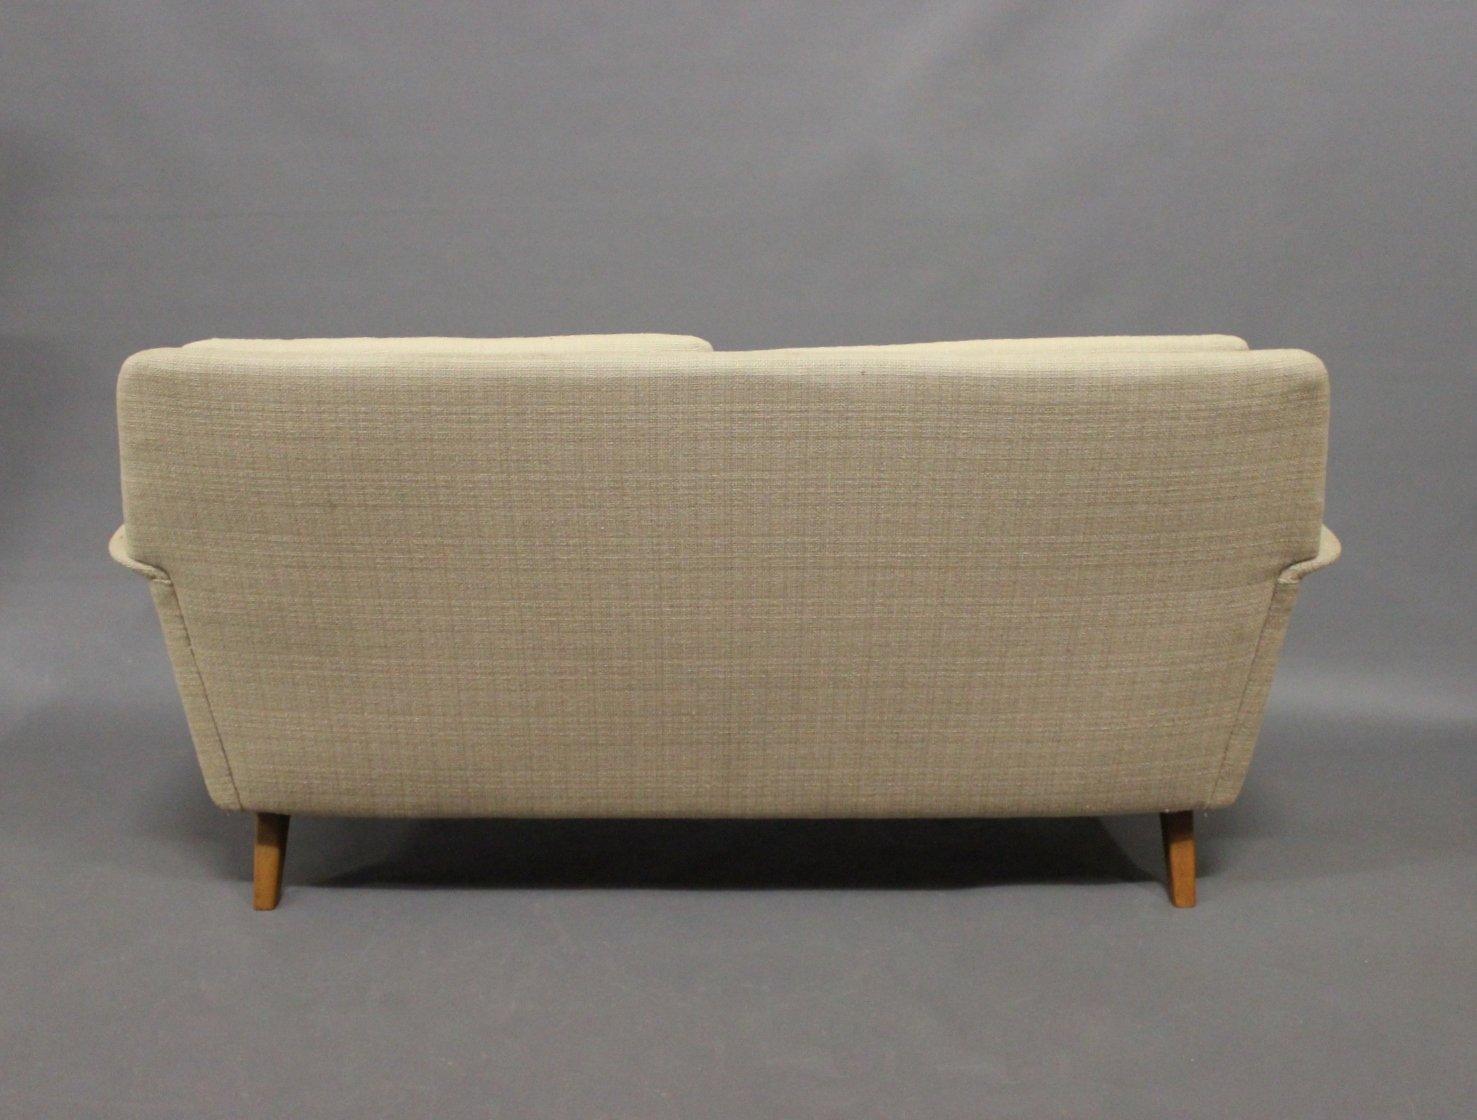 dux sofa by folke ohlsson light gray sofas 2 seater for fritz hansen 1960s